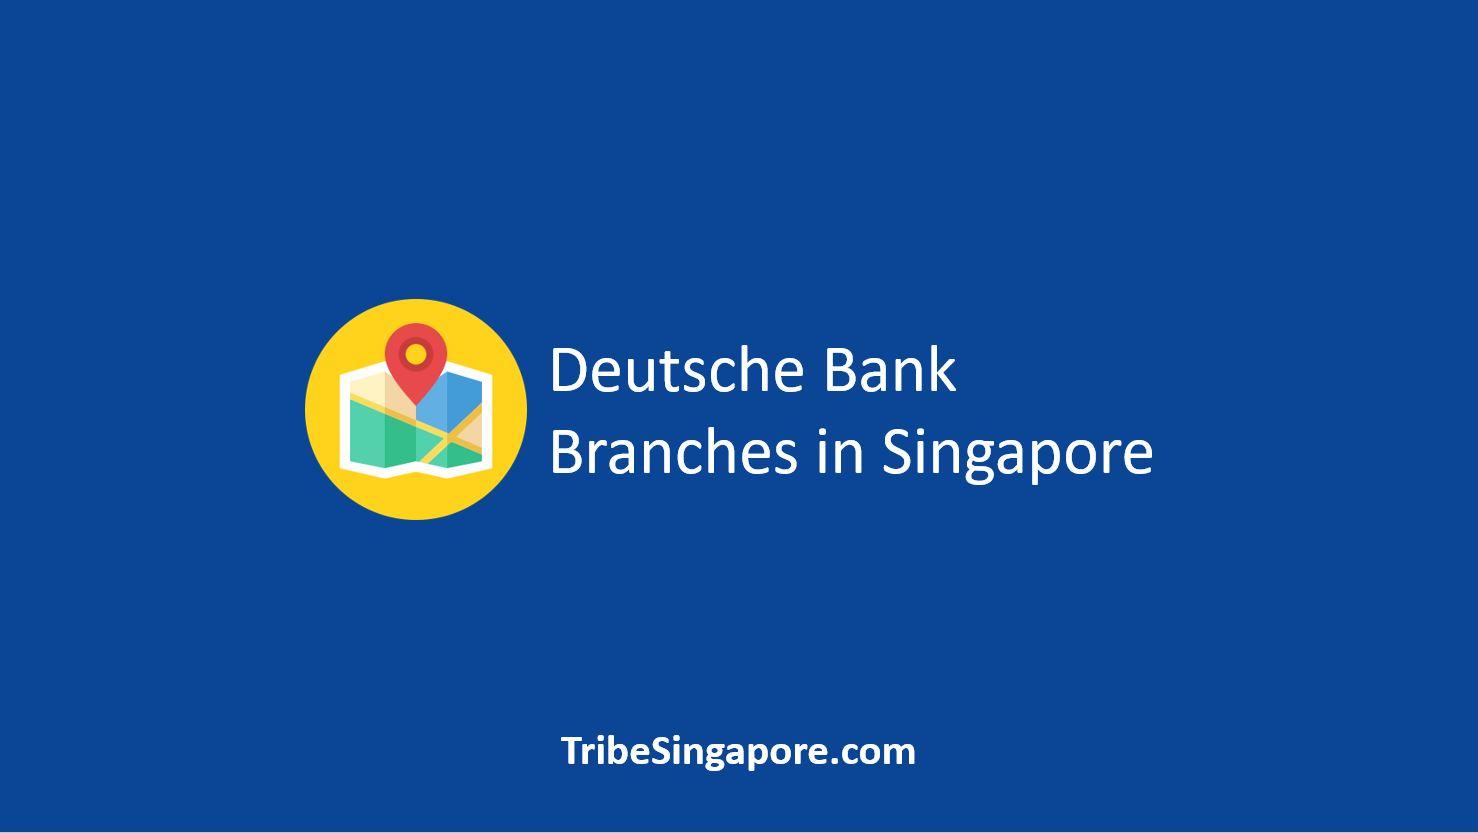 Deutsche Bank Branches in Singapore